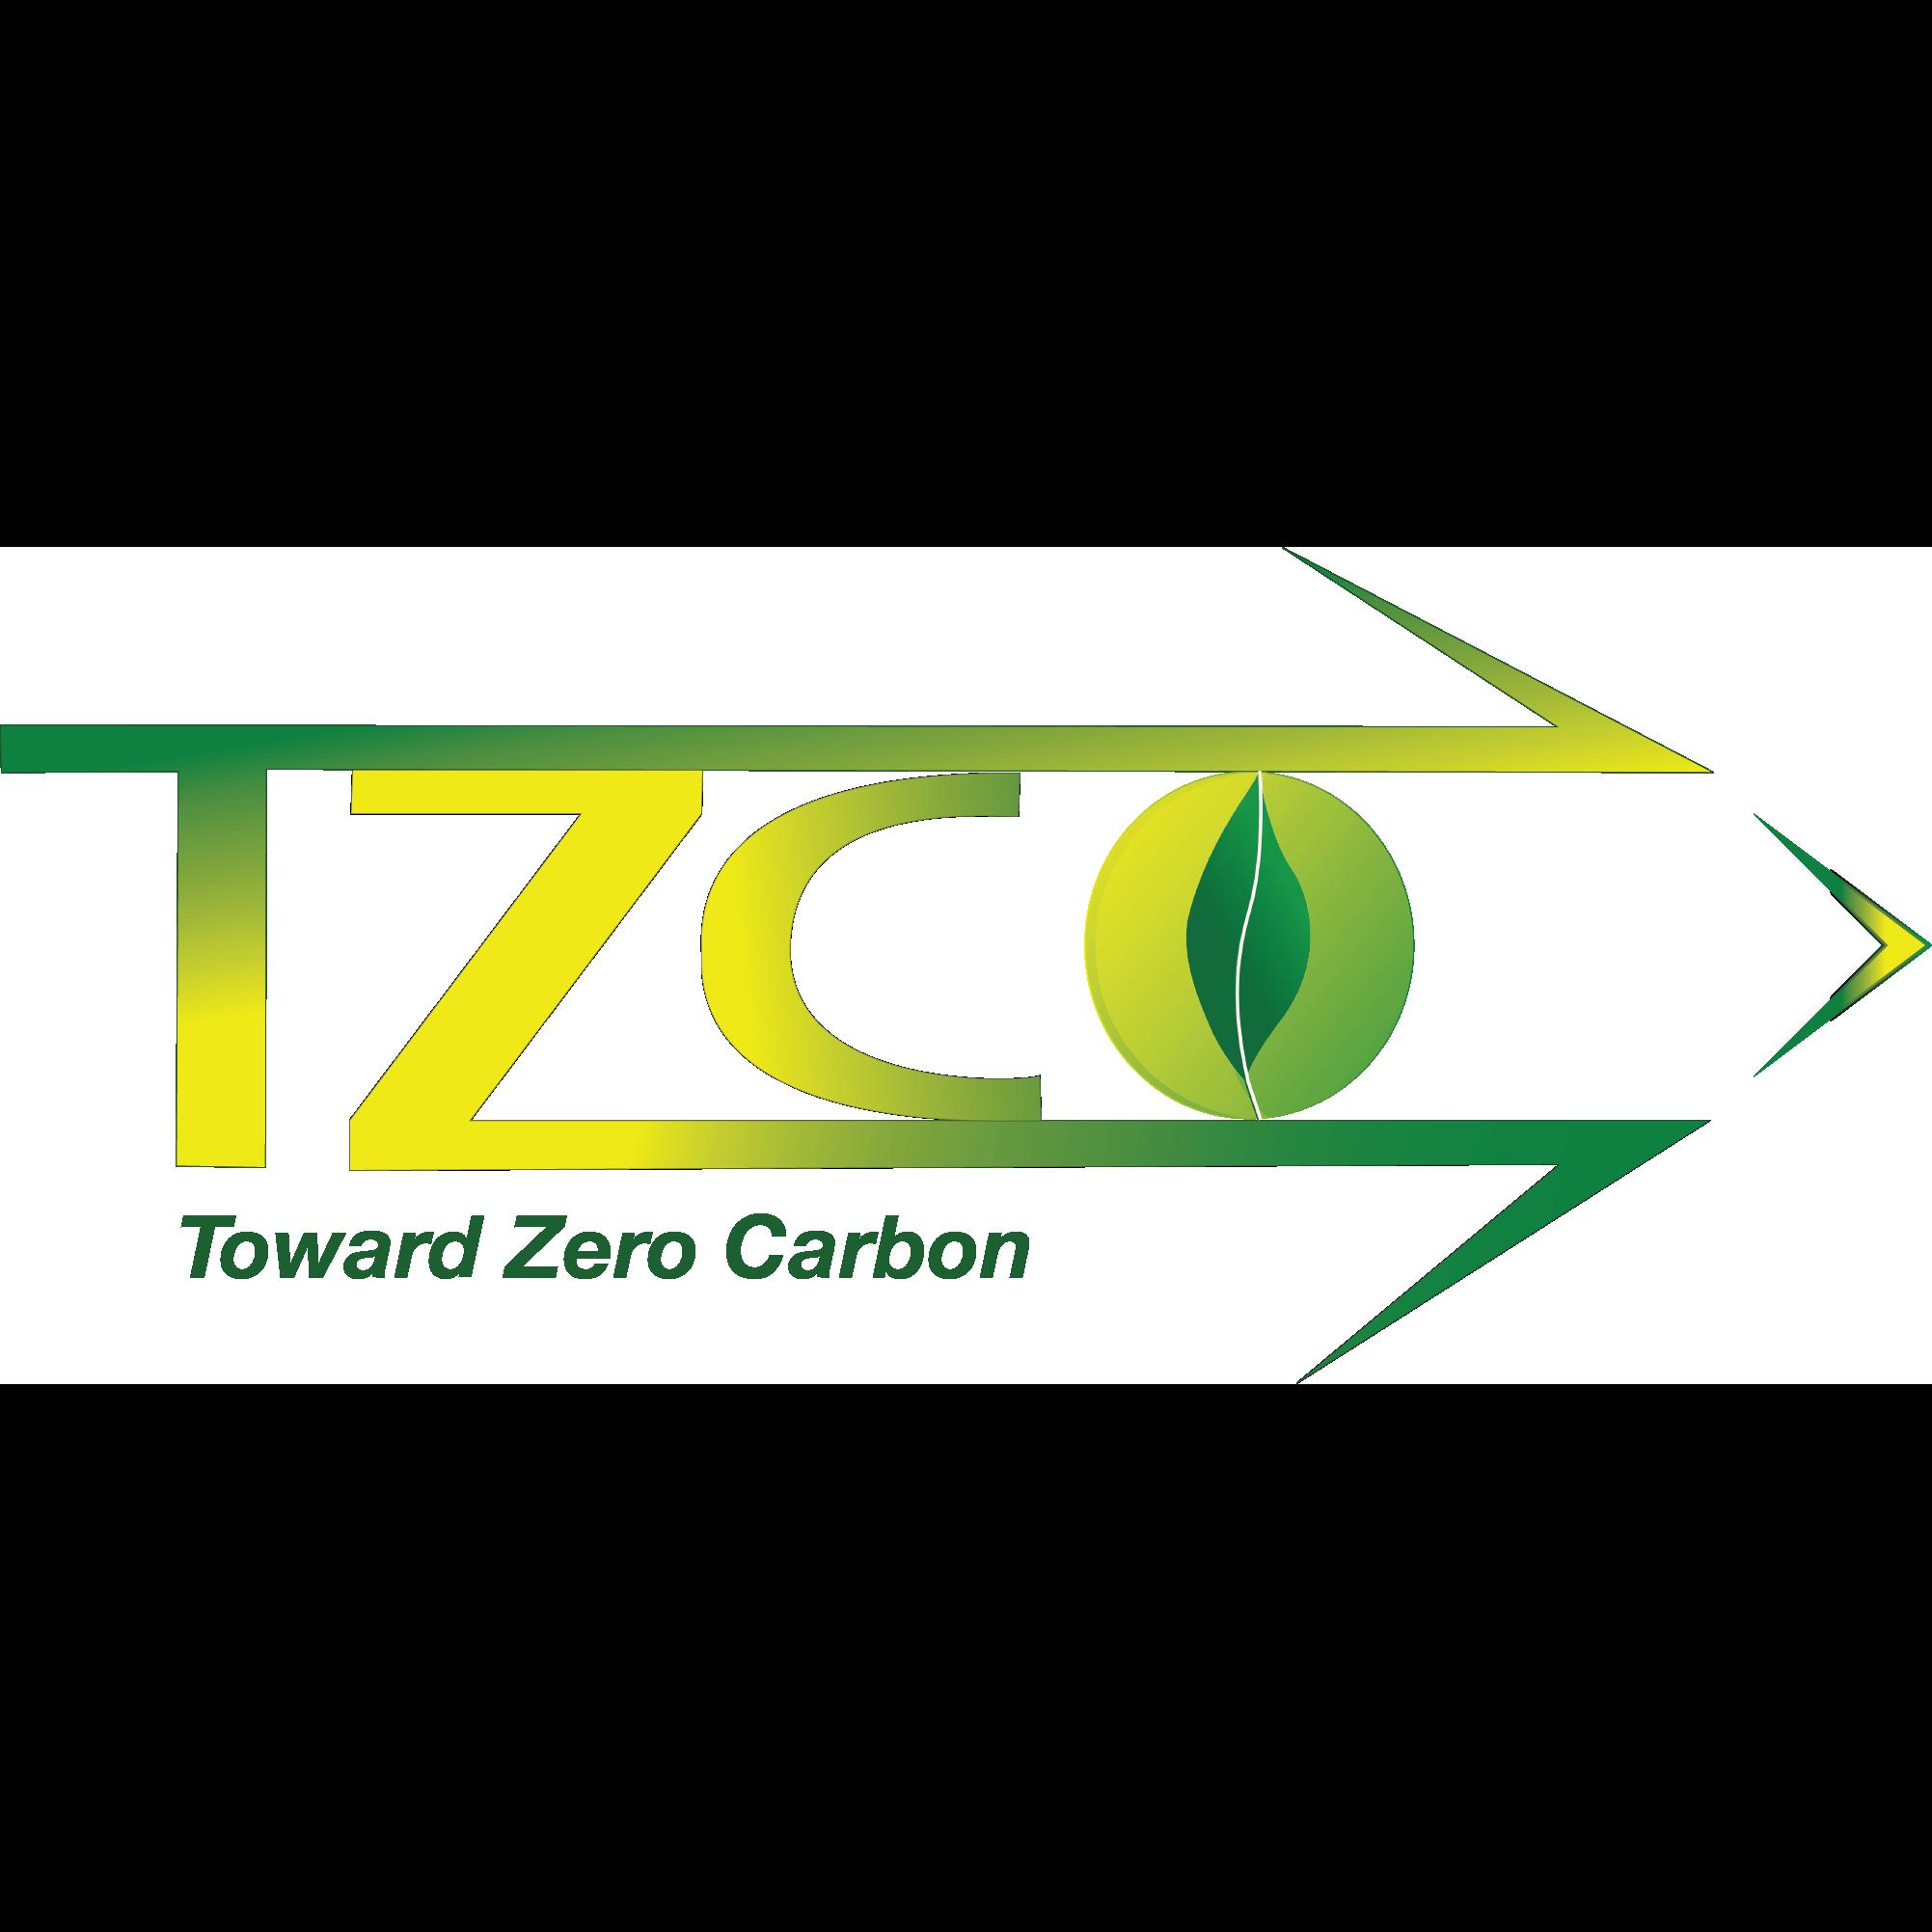 Towards Zero Caron - Logo